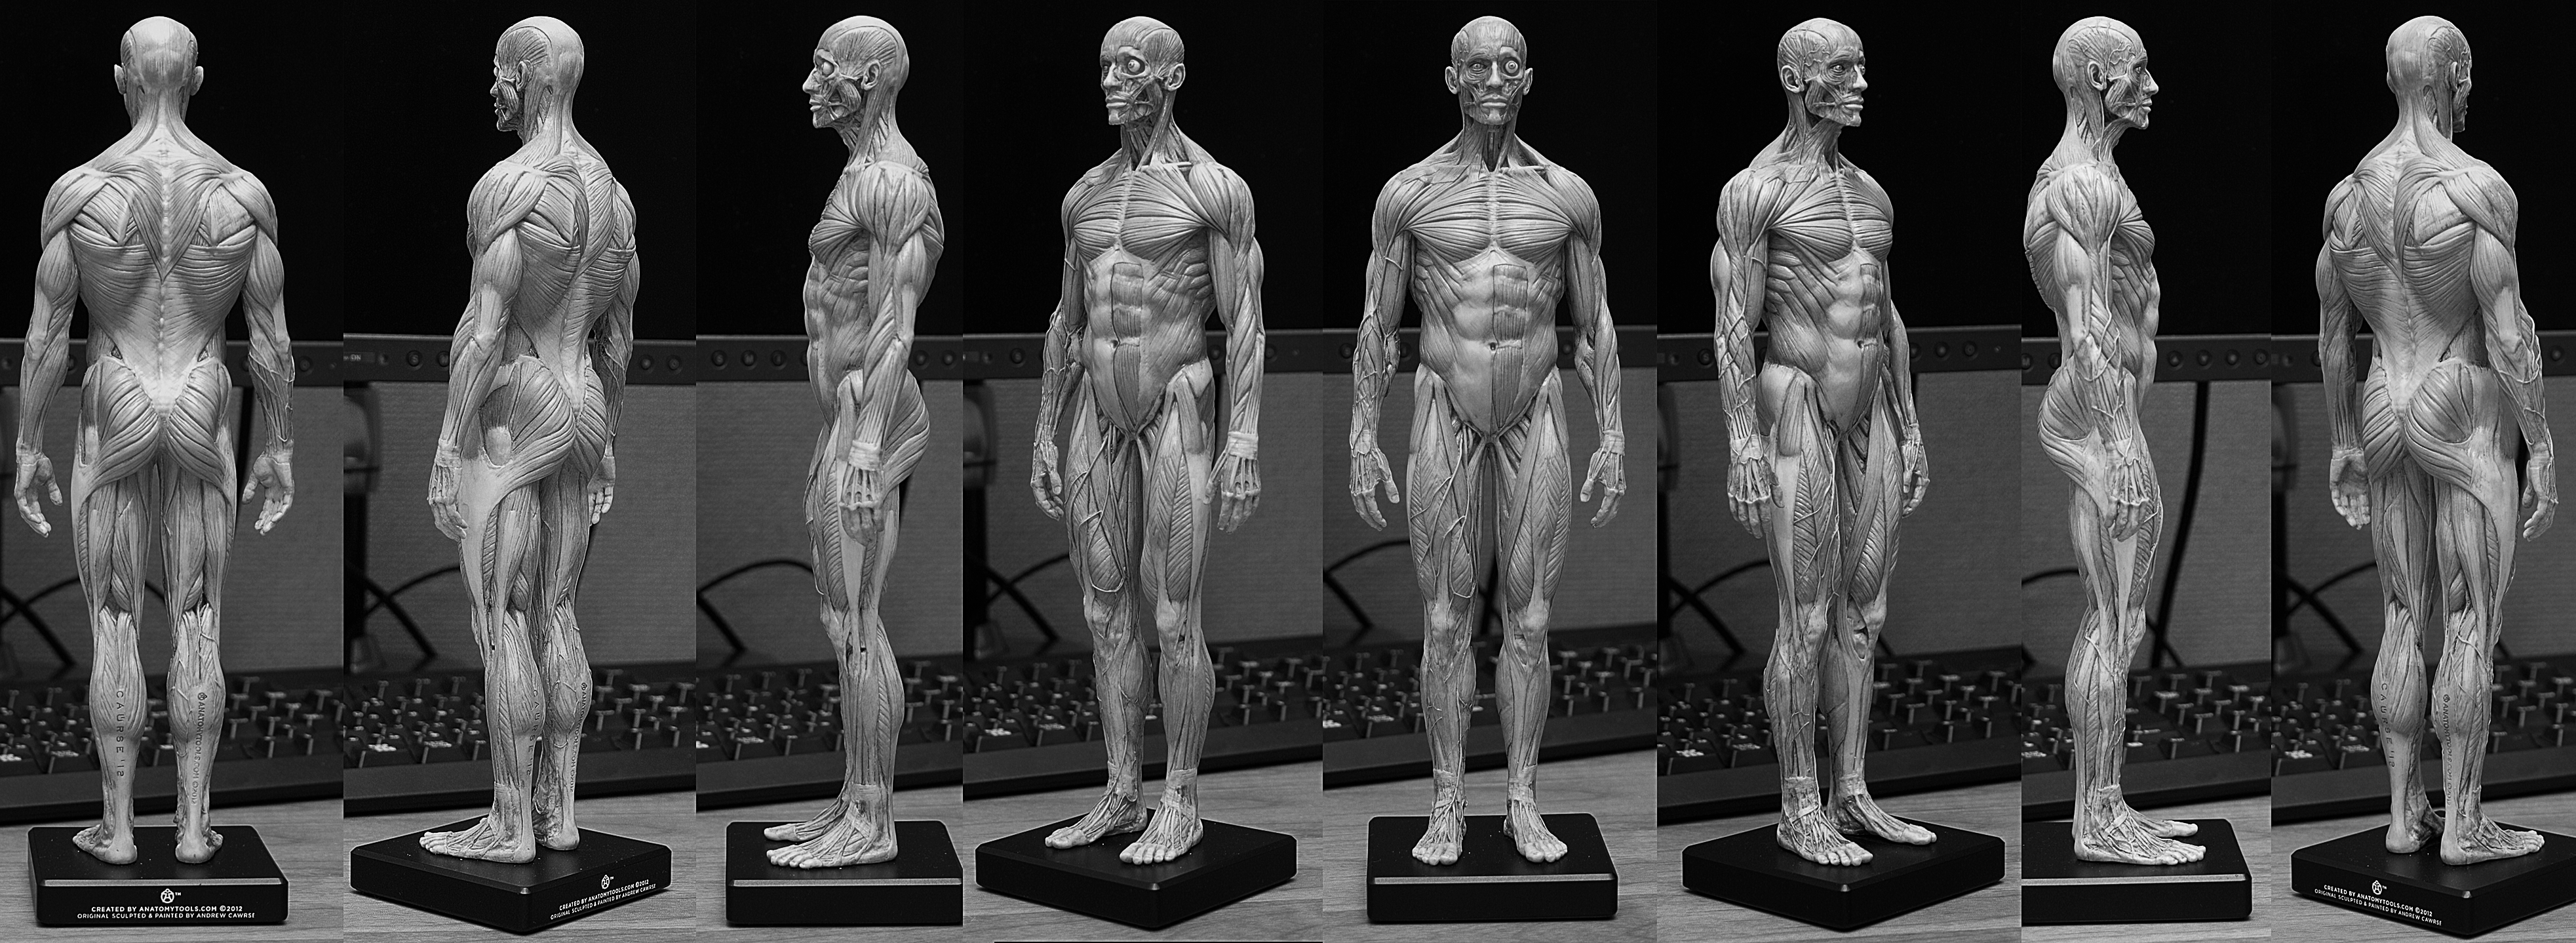 20150131_anatomytools.com_gray